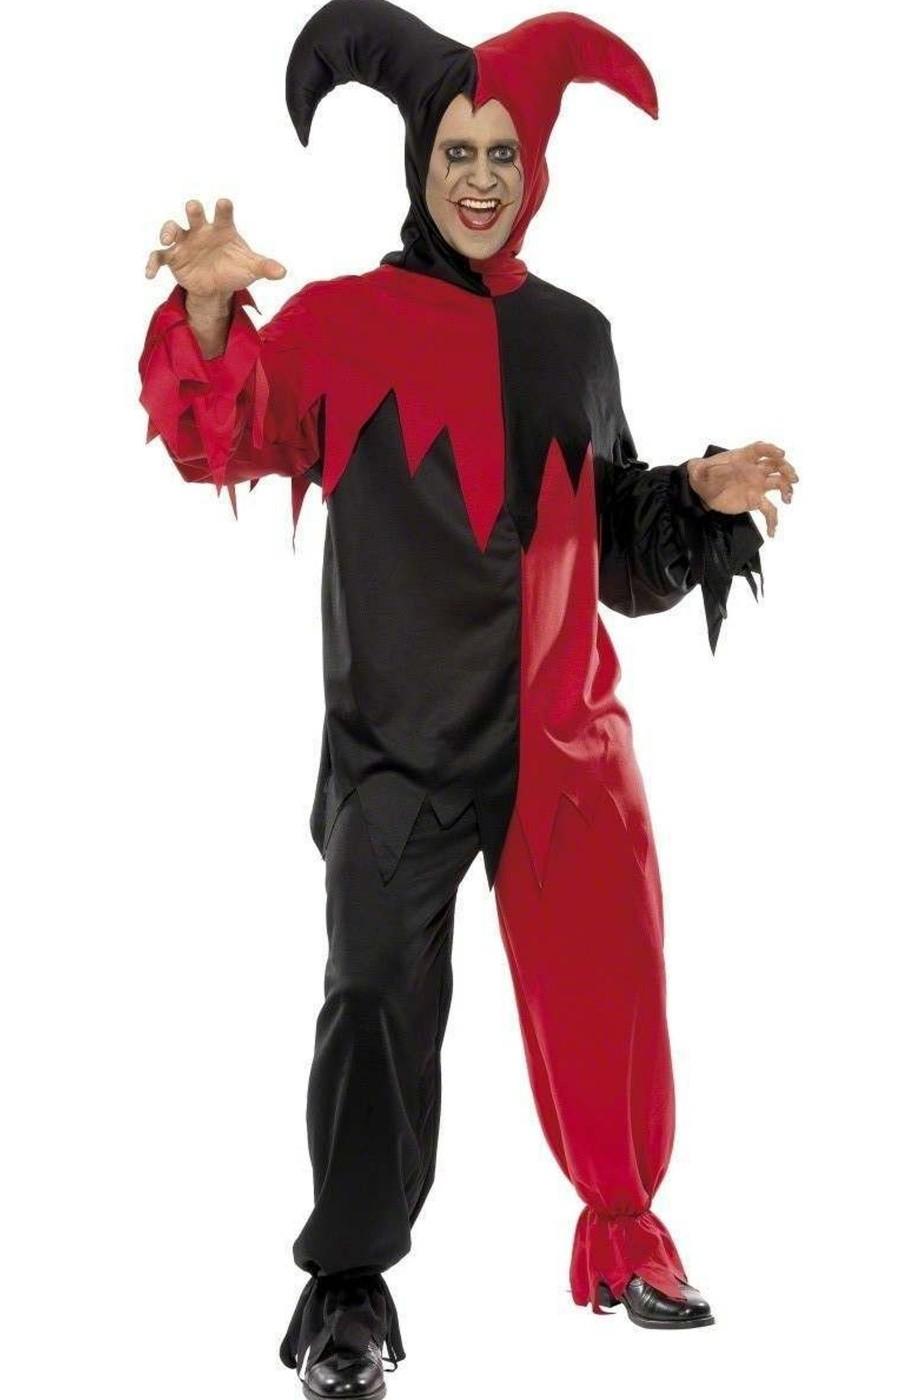 Clown Horror Killer Joker